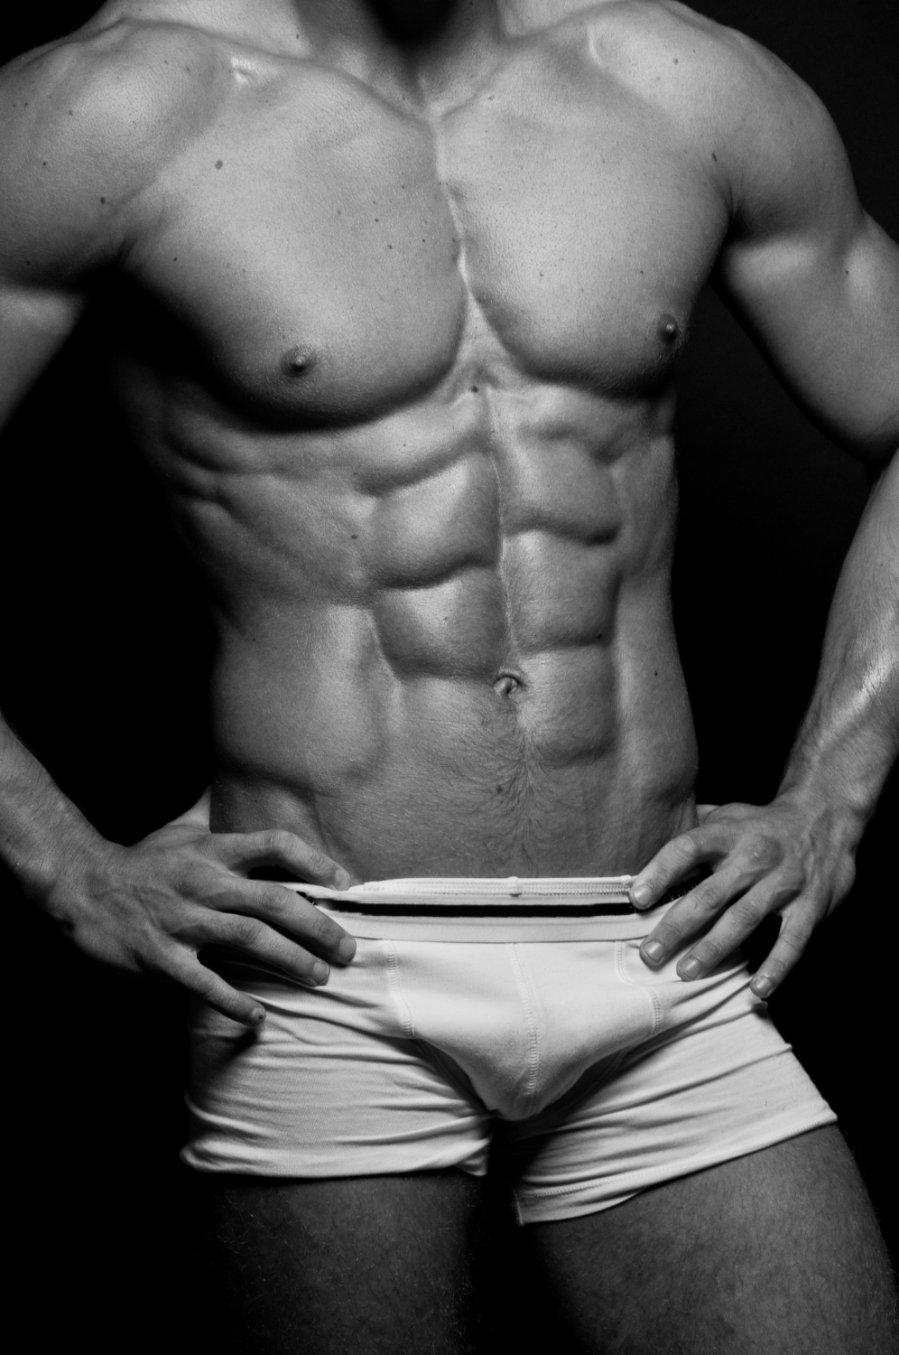 kaip pratęsti erekcijos būdus medicinos varpos dydziai